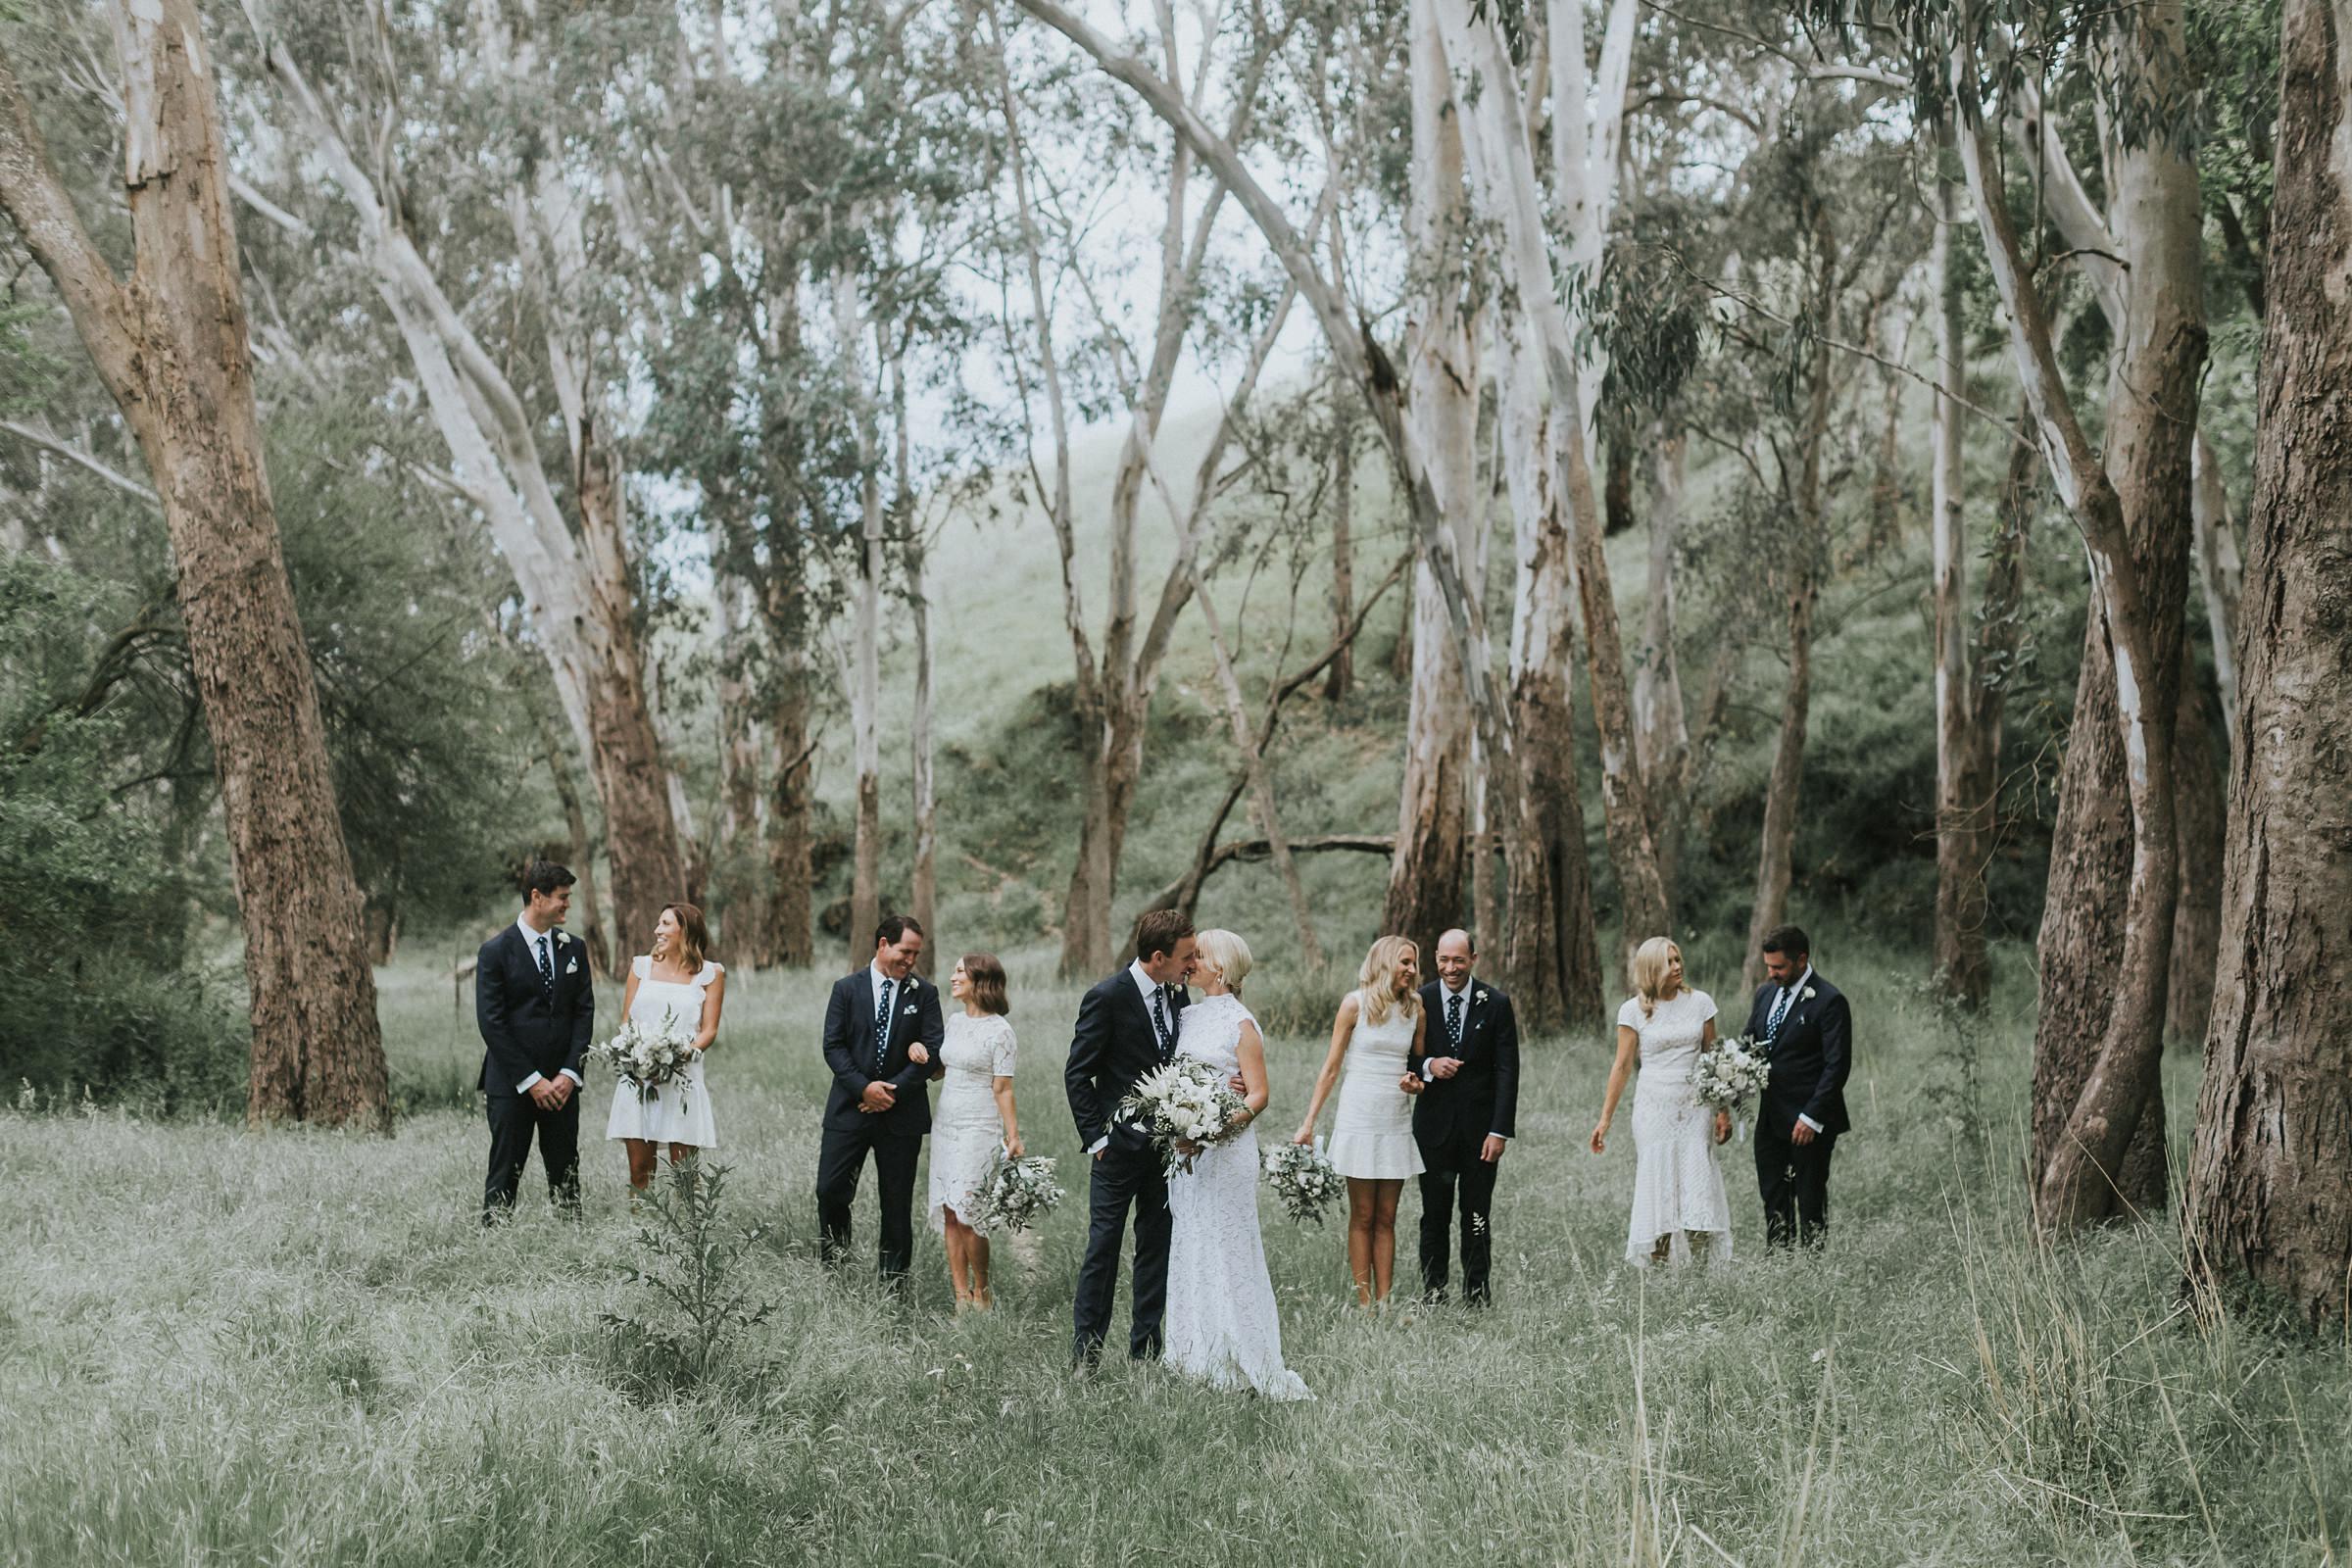 natural bridal party photos at nimbo fork lodge